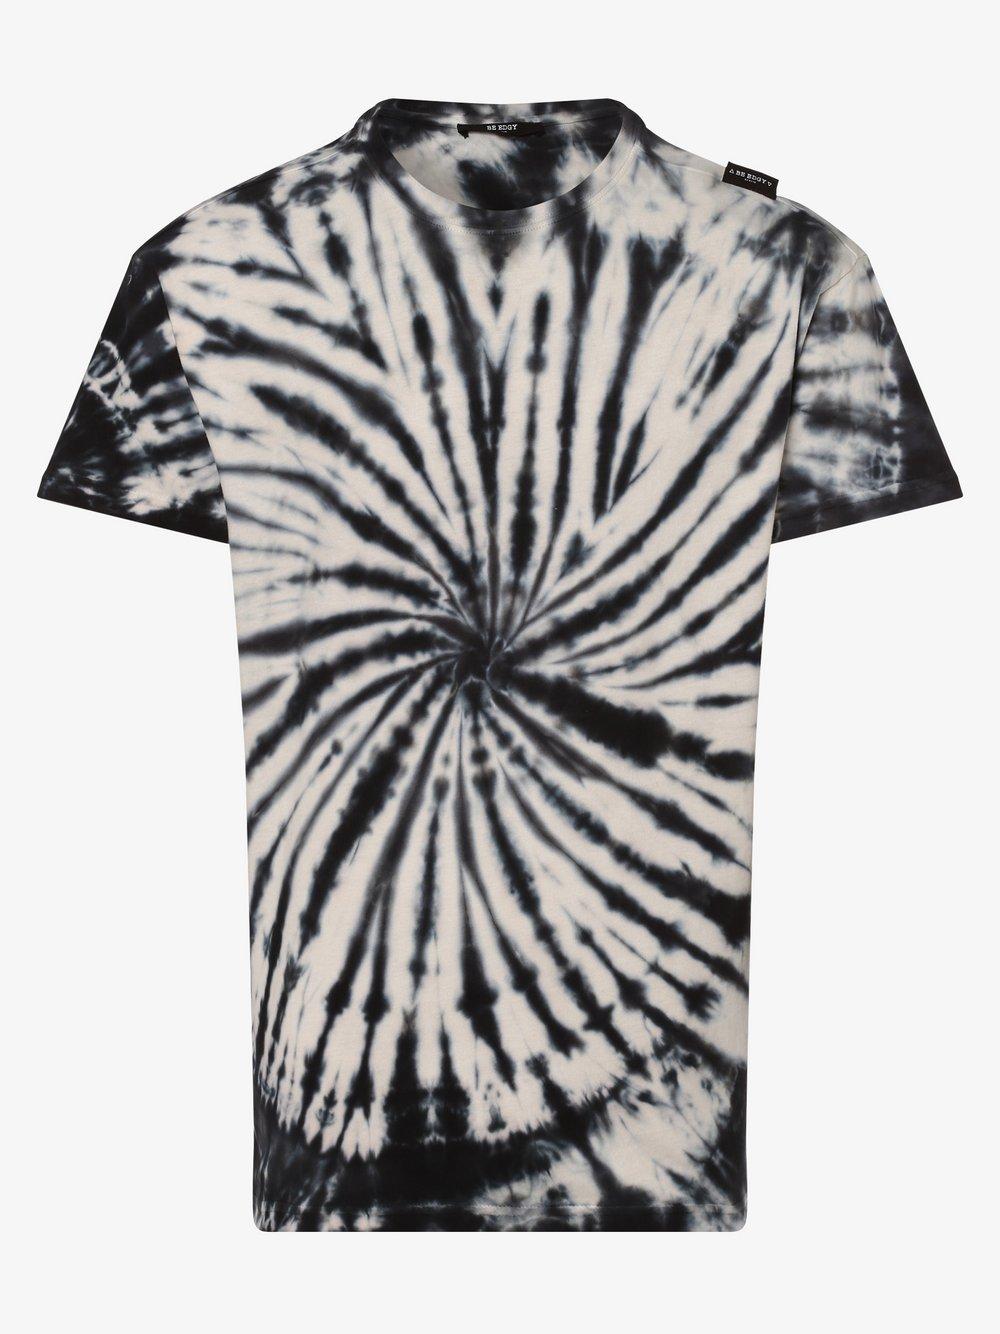 BE EDGY – T-shirt męski – BEgiggsen, biały Van Graaf 475730-0001-09990